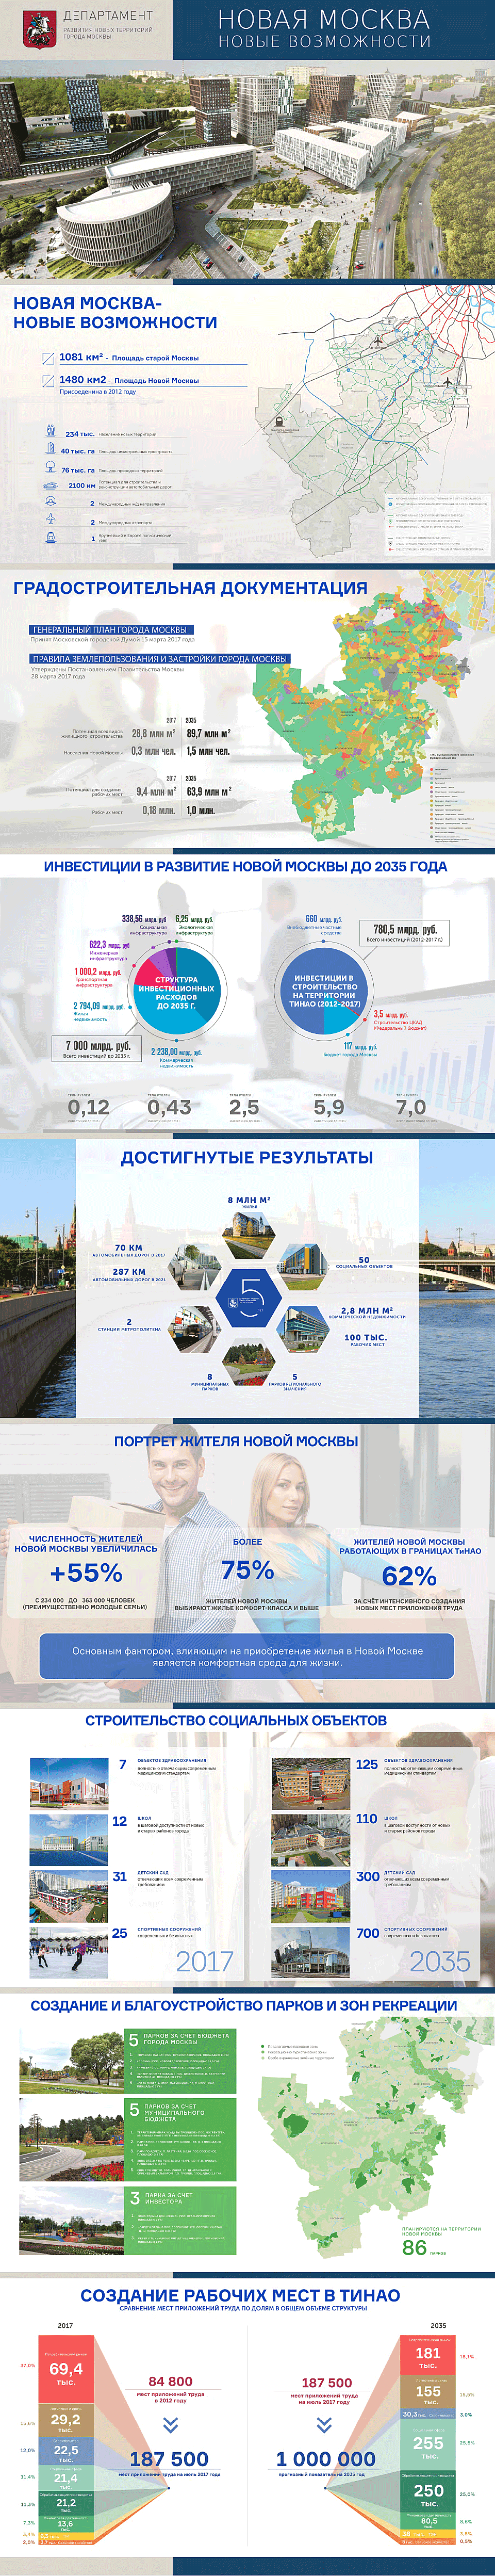 Новая Москва - новые возможности